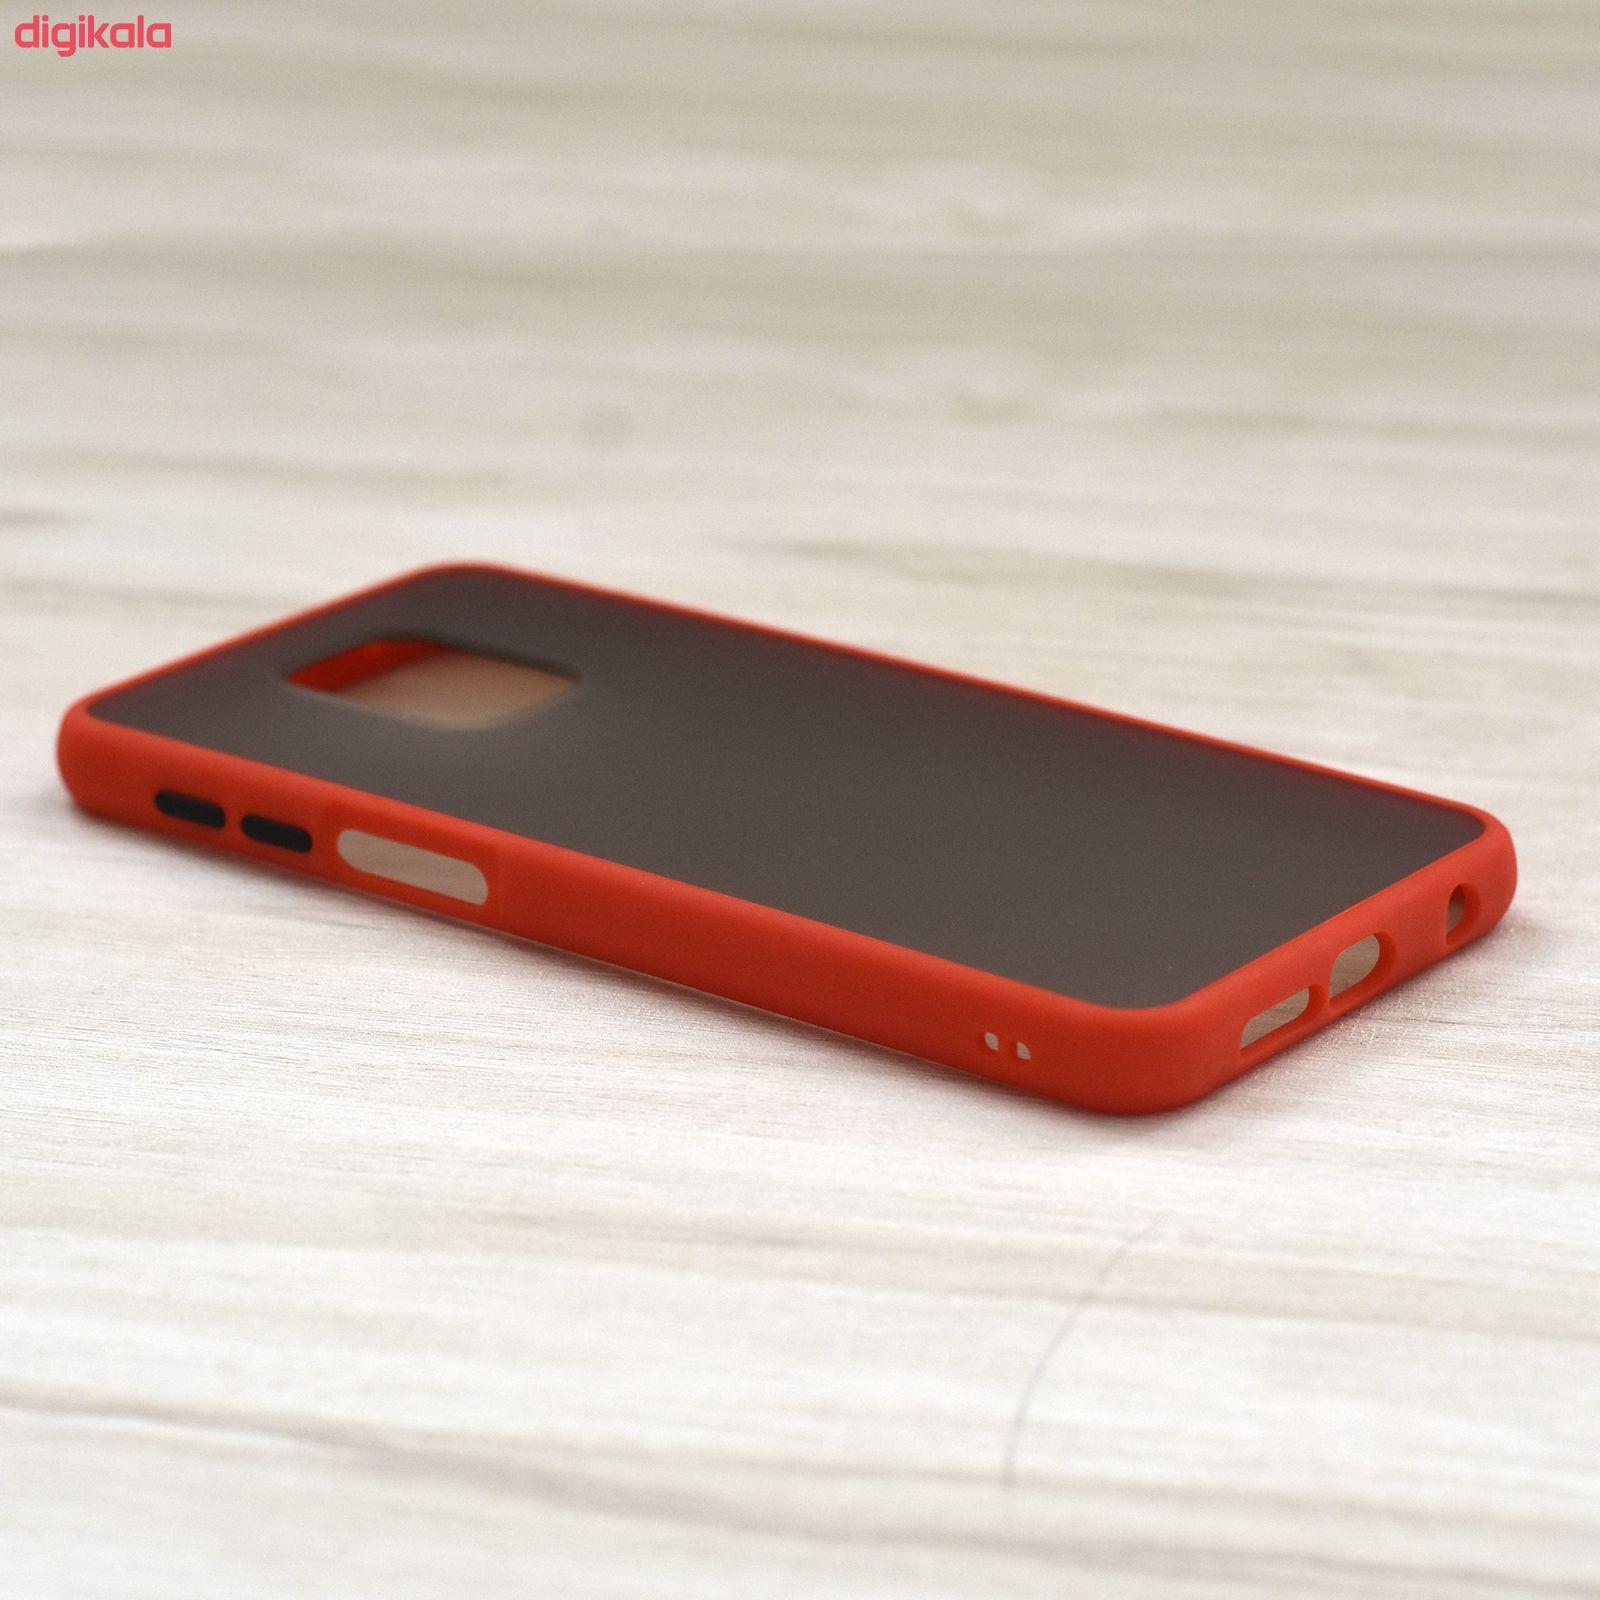 کاور مدل Slico01 مناسب برای گوشی موبایل شیائومی Redmi Note 9S / 9 Pro main 1 9